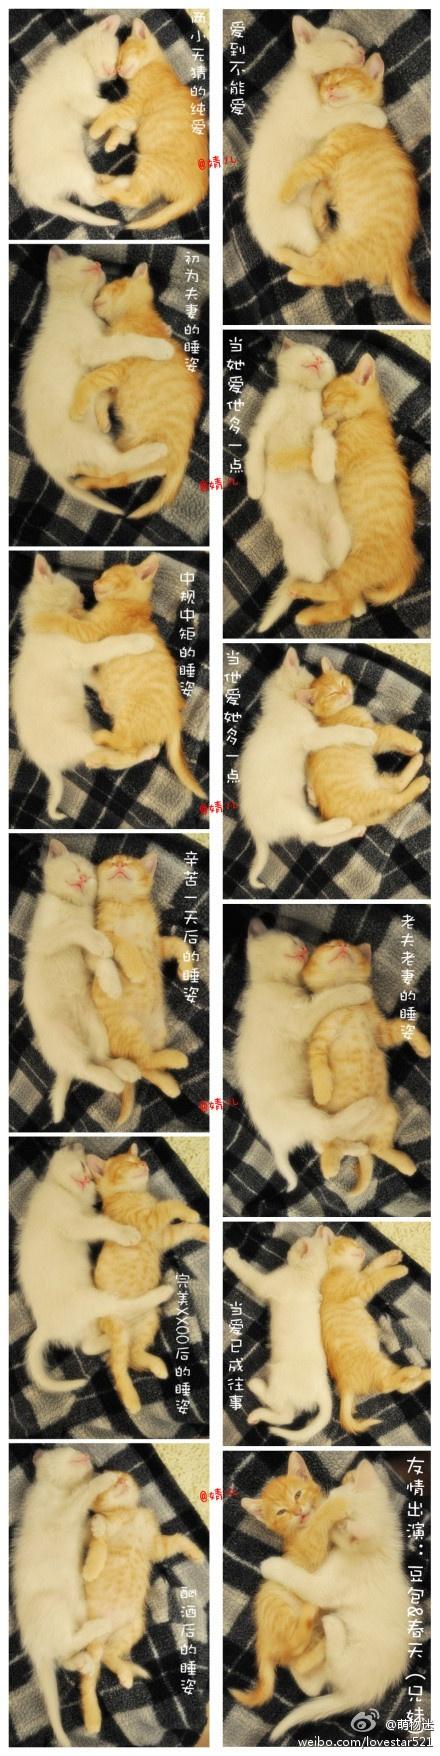 So cute, so warm, so sweet.